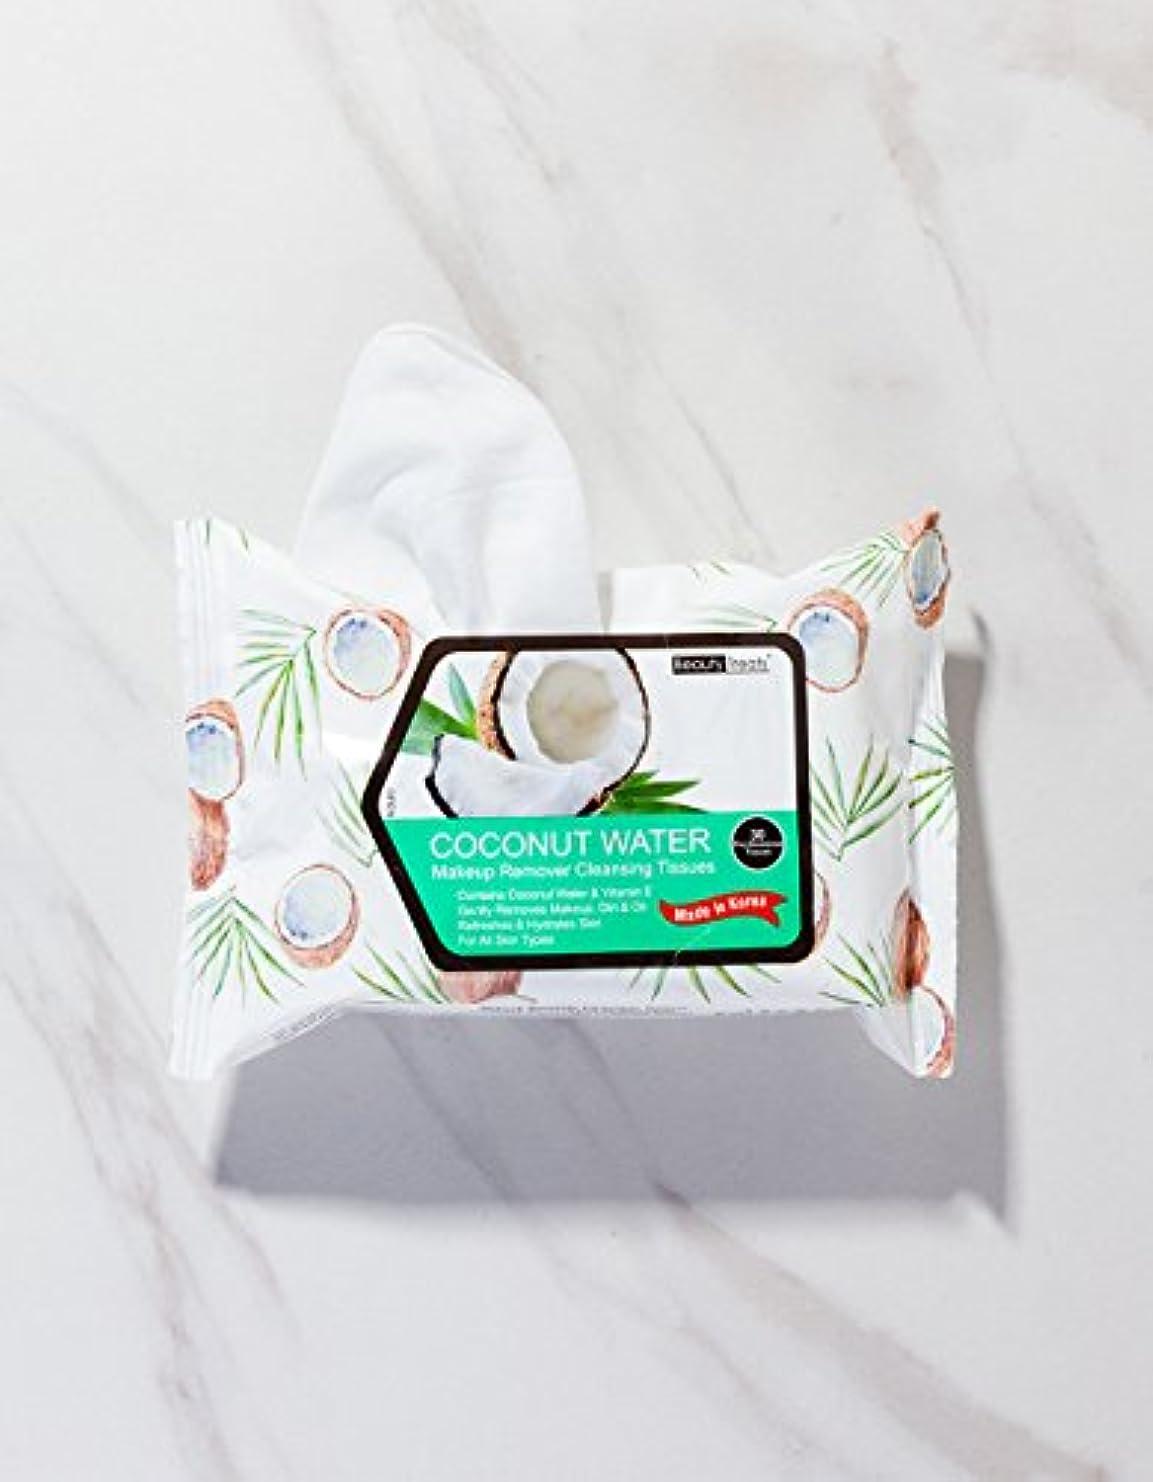 割り当てます謎めいた喉が渇いたBEAUTY TREATS Coconut Water Makeup Remover Cleaning Tissues (並行輸入品)